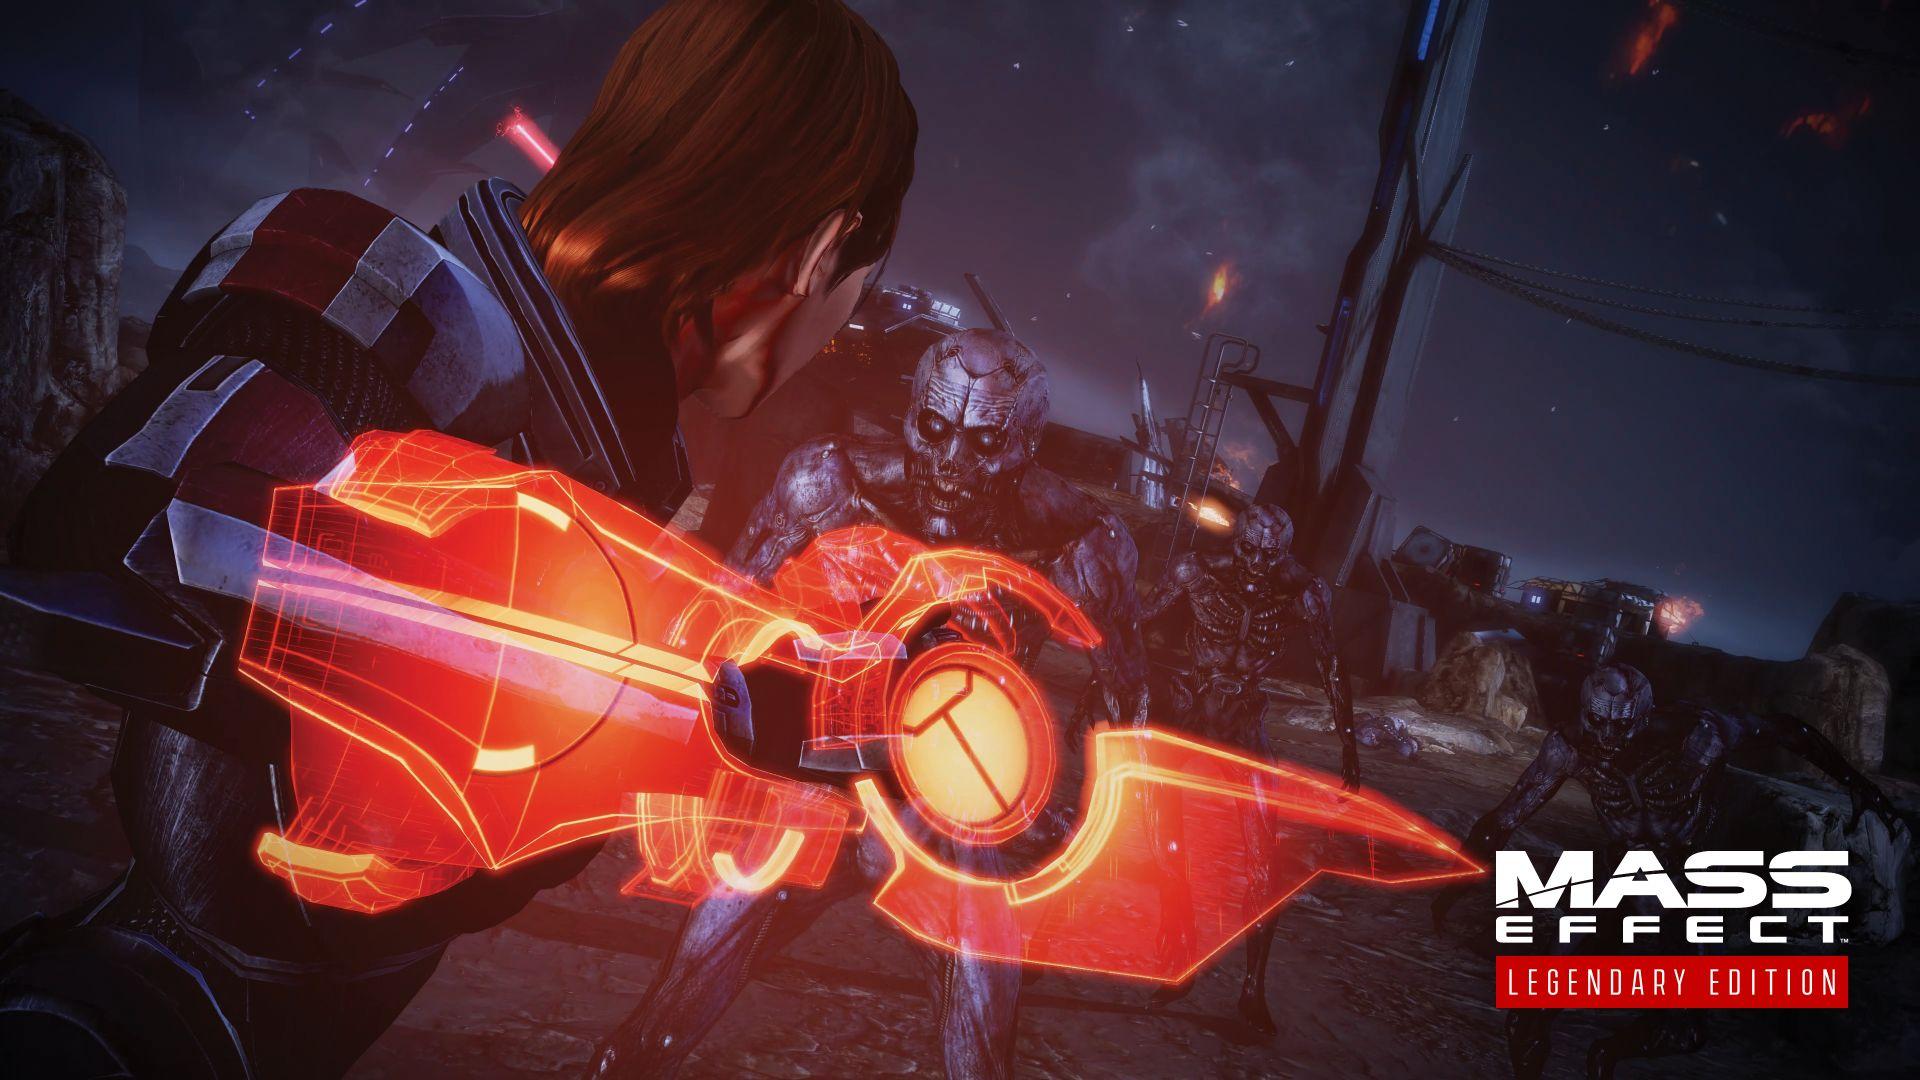 mass-effect-legendary-edition-pc-screenshot-3